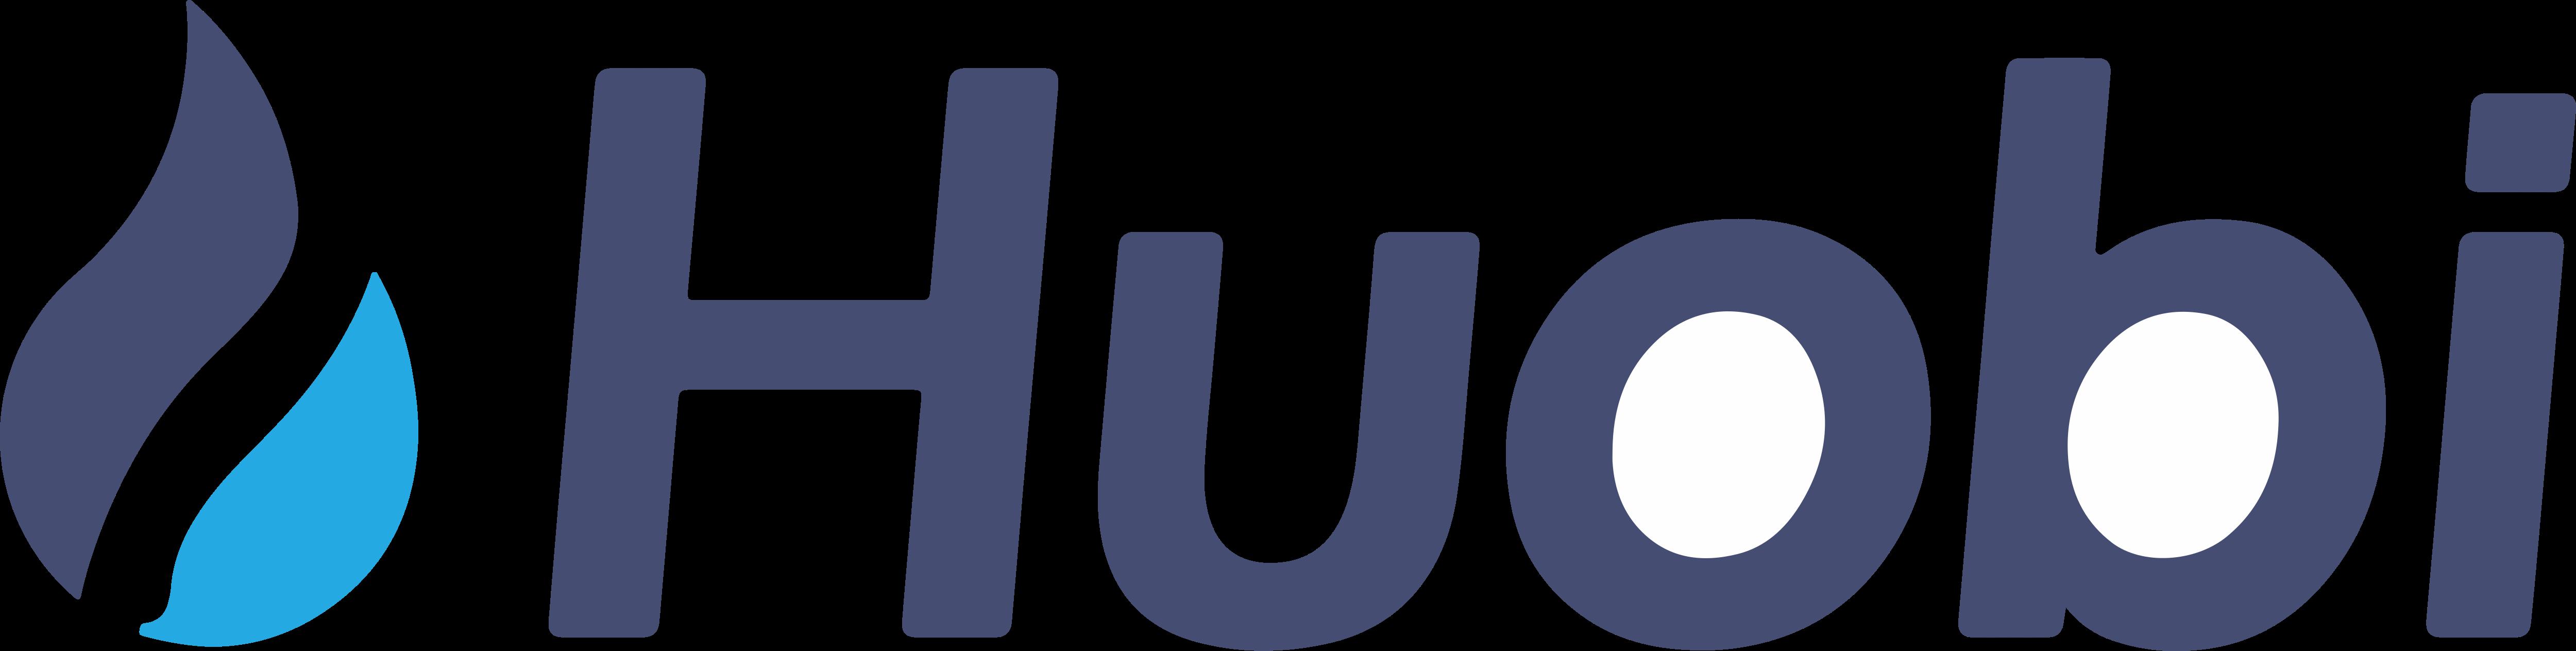 Huobi Pro – Logos Download